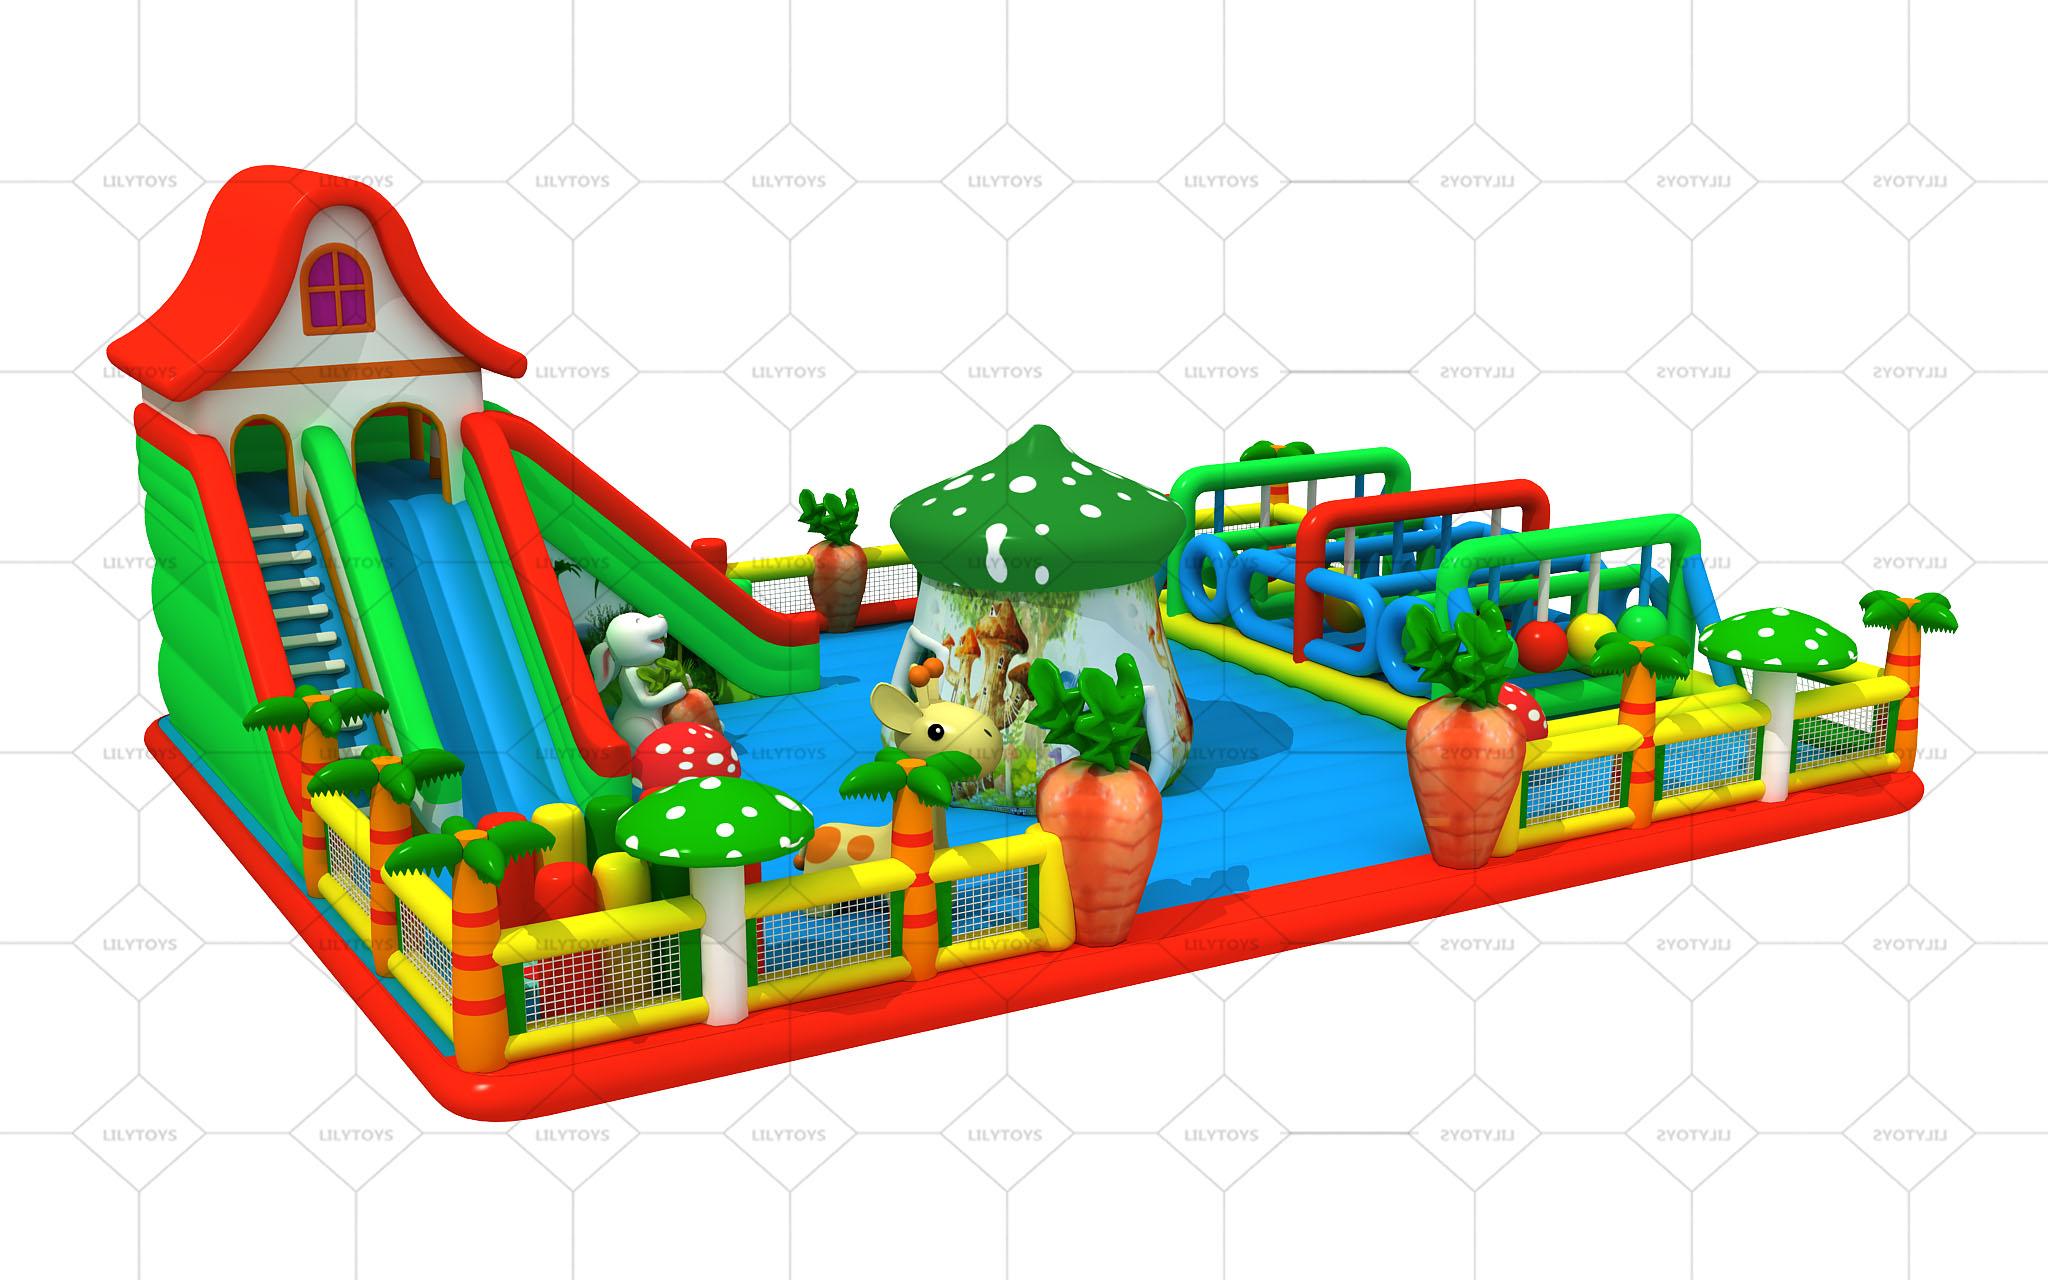 muitiplay inflatable playground